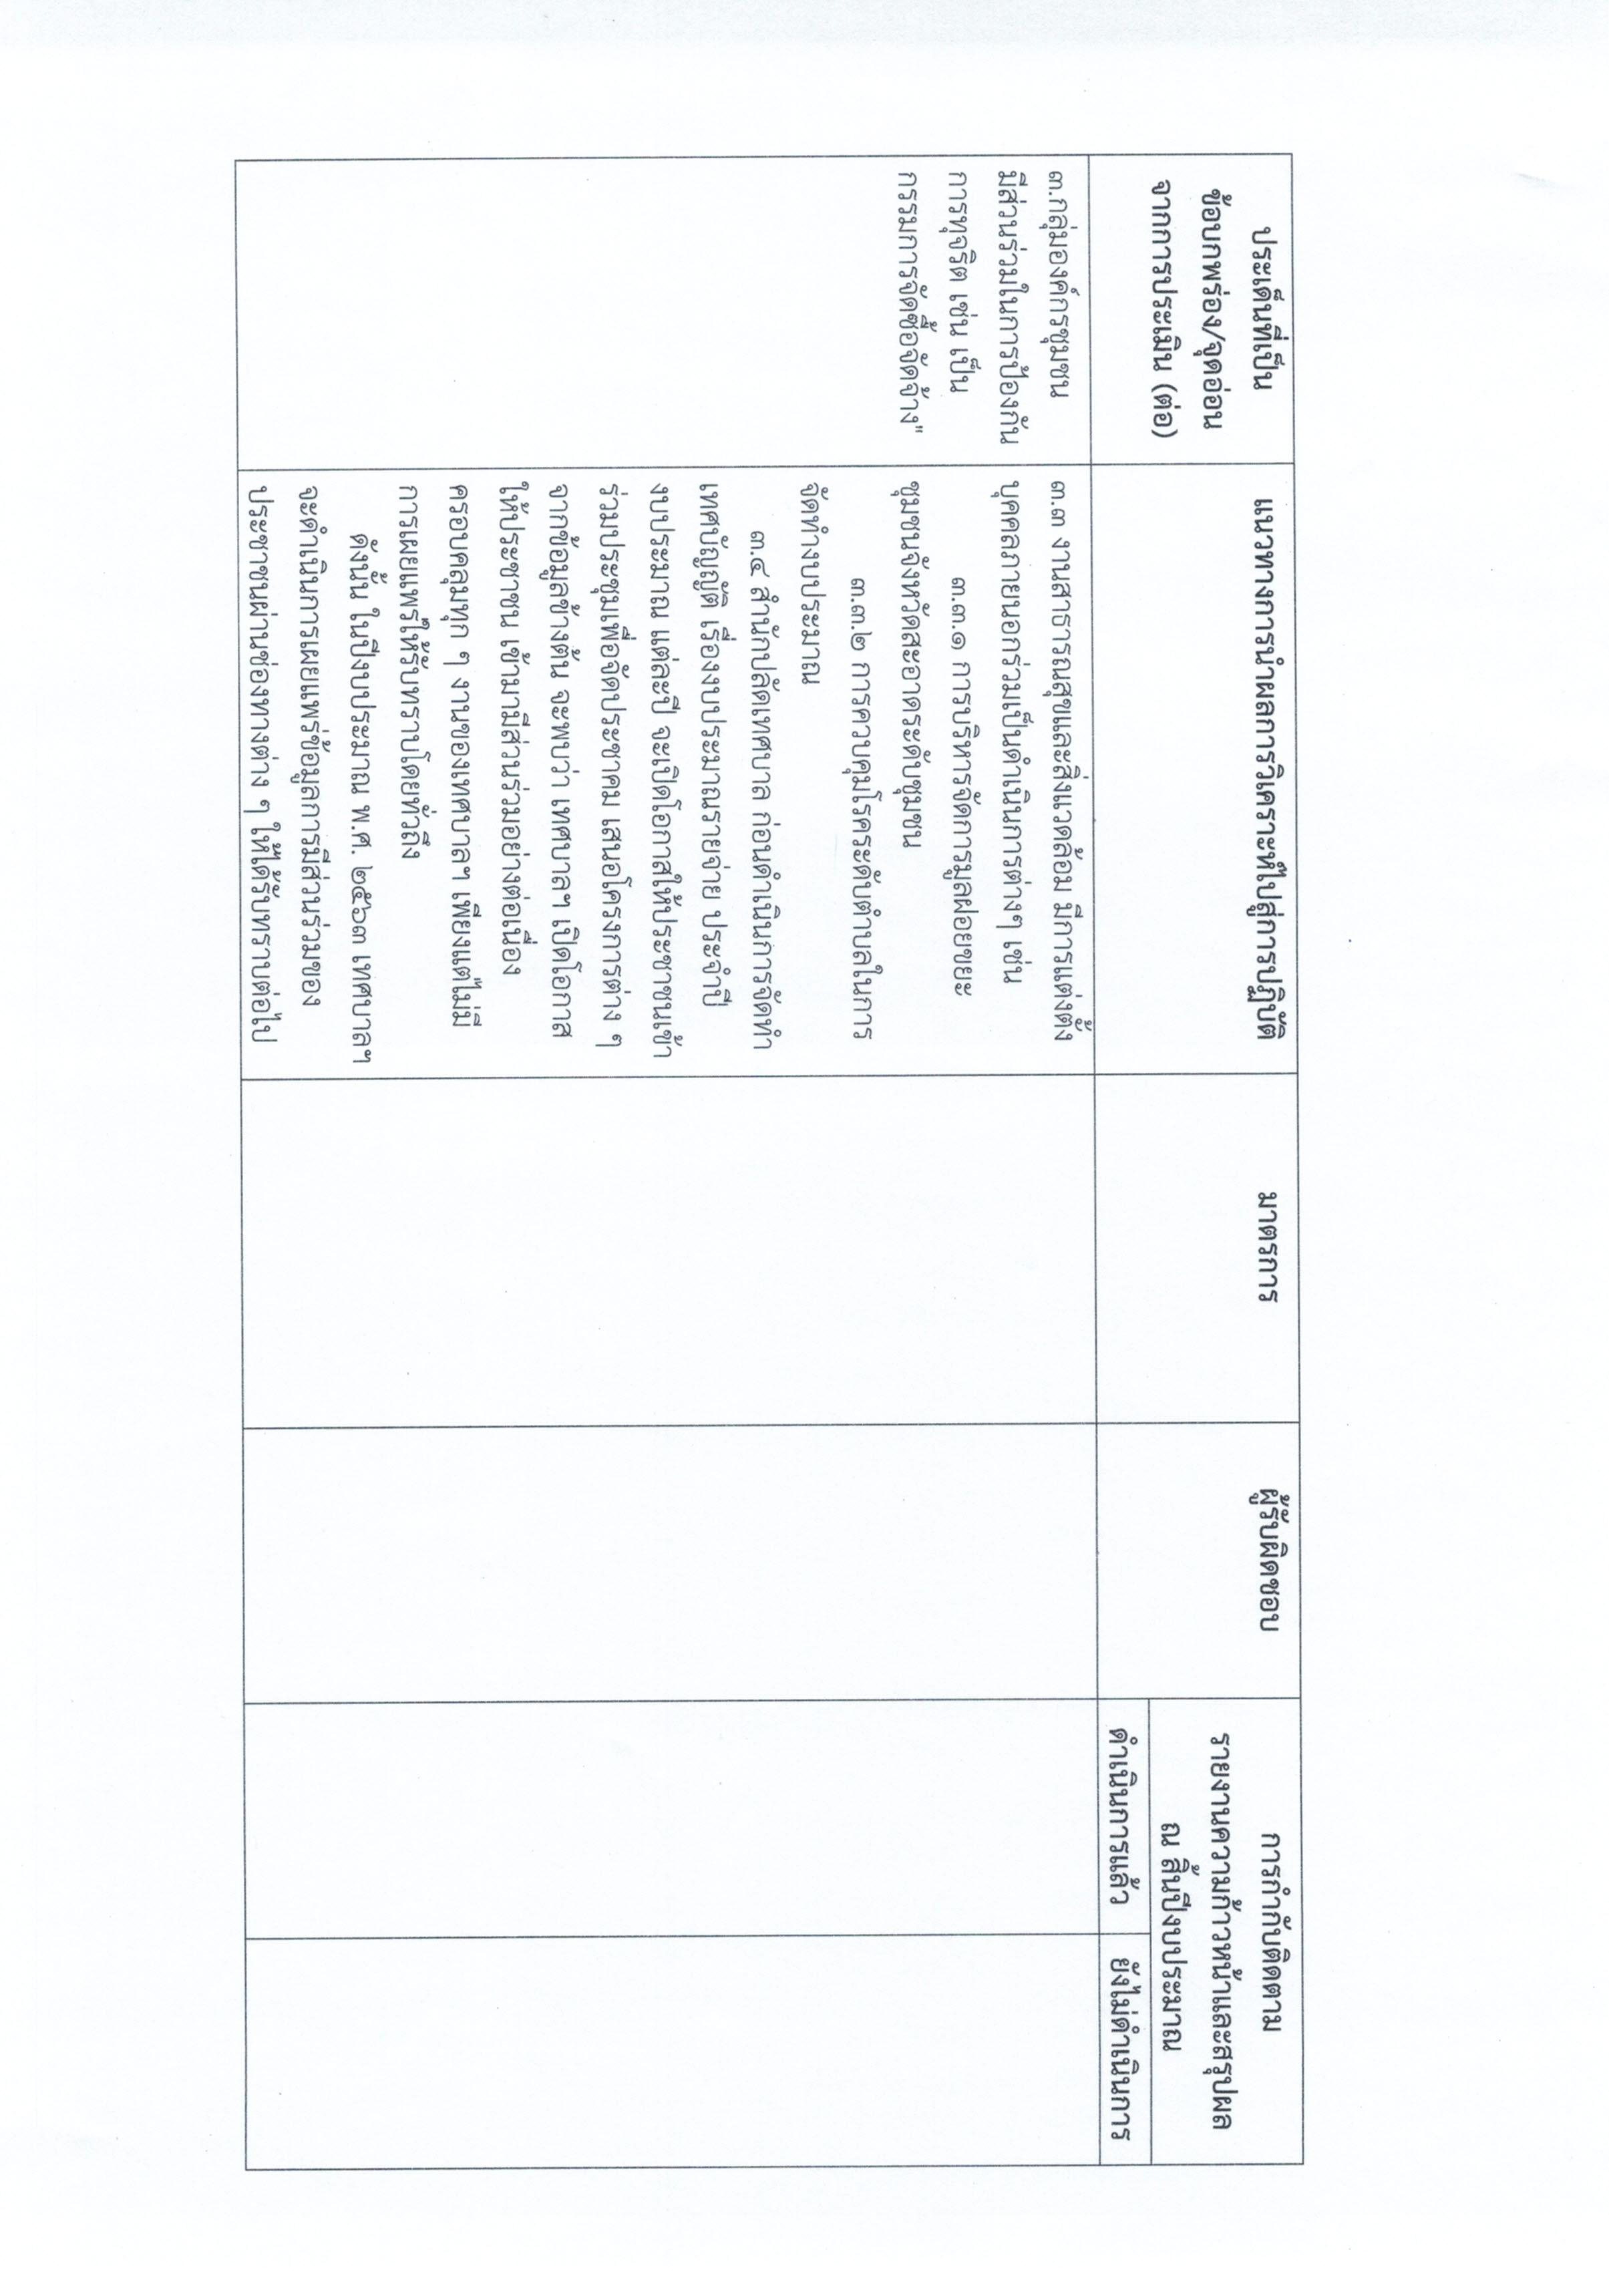 มาตรการส่งเสริมคุณธรรมและความโปร่งใสภายในหน่วยงาน24062563_0011